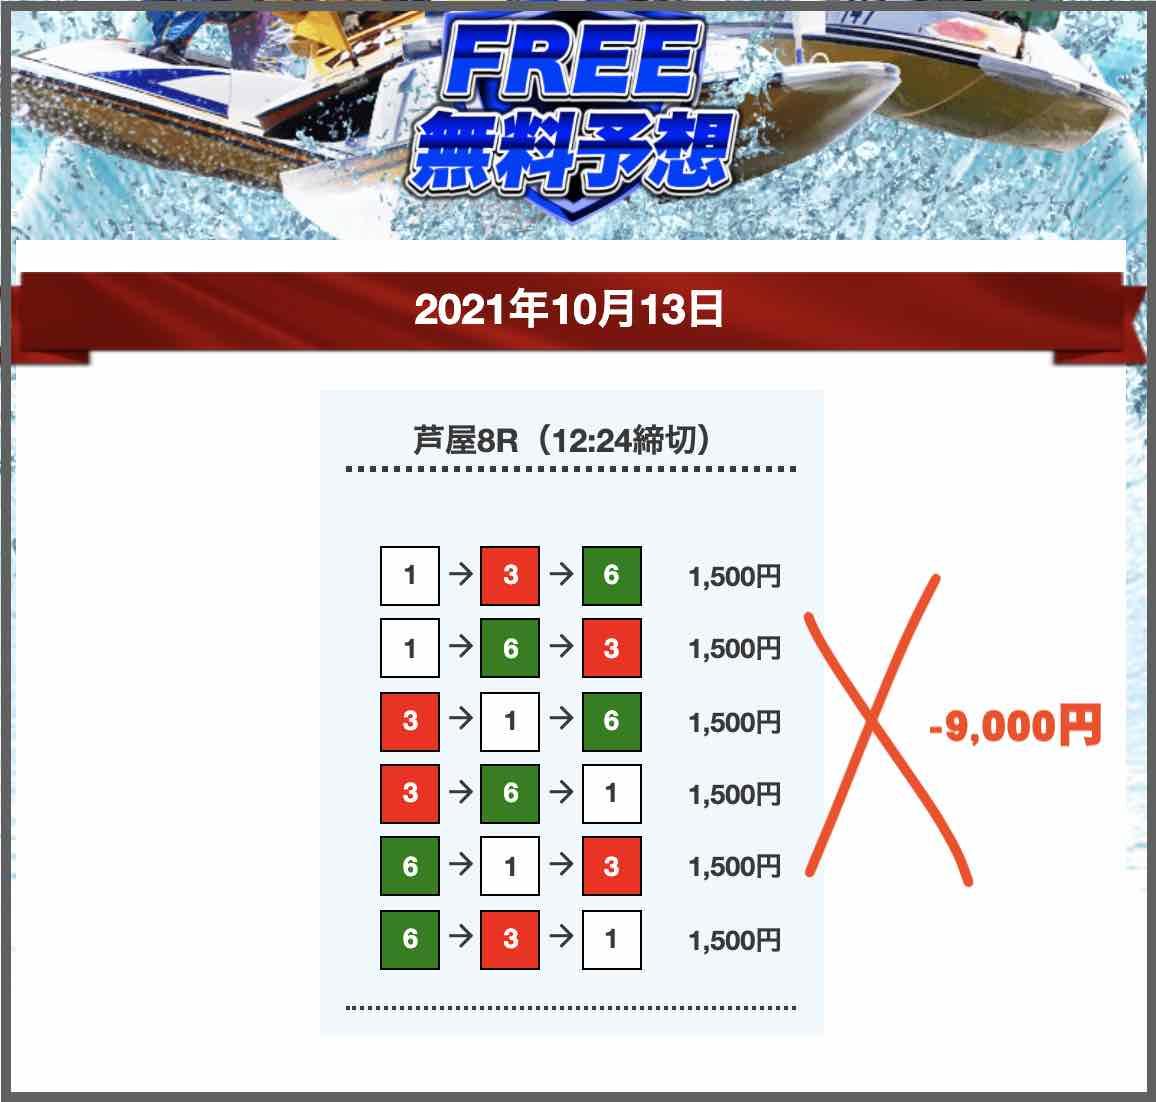 ボートワンという競艇予想サイトの無料予想の抜き打ち検証